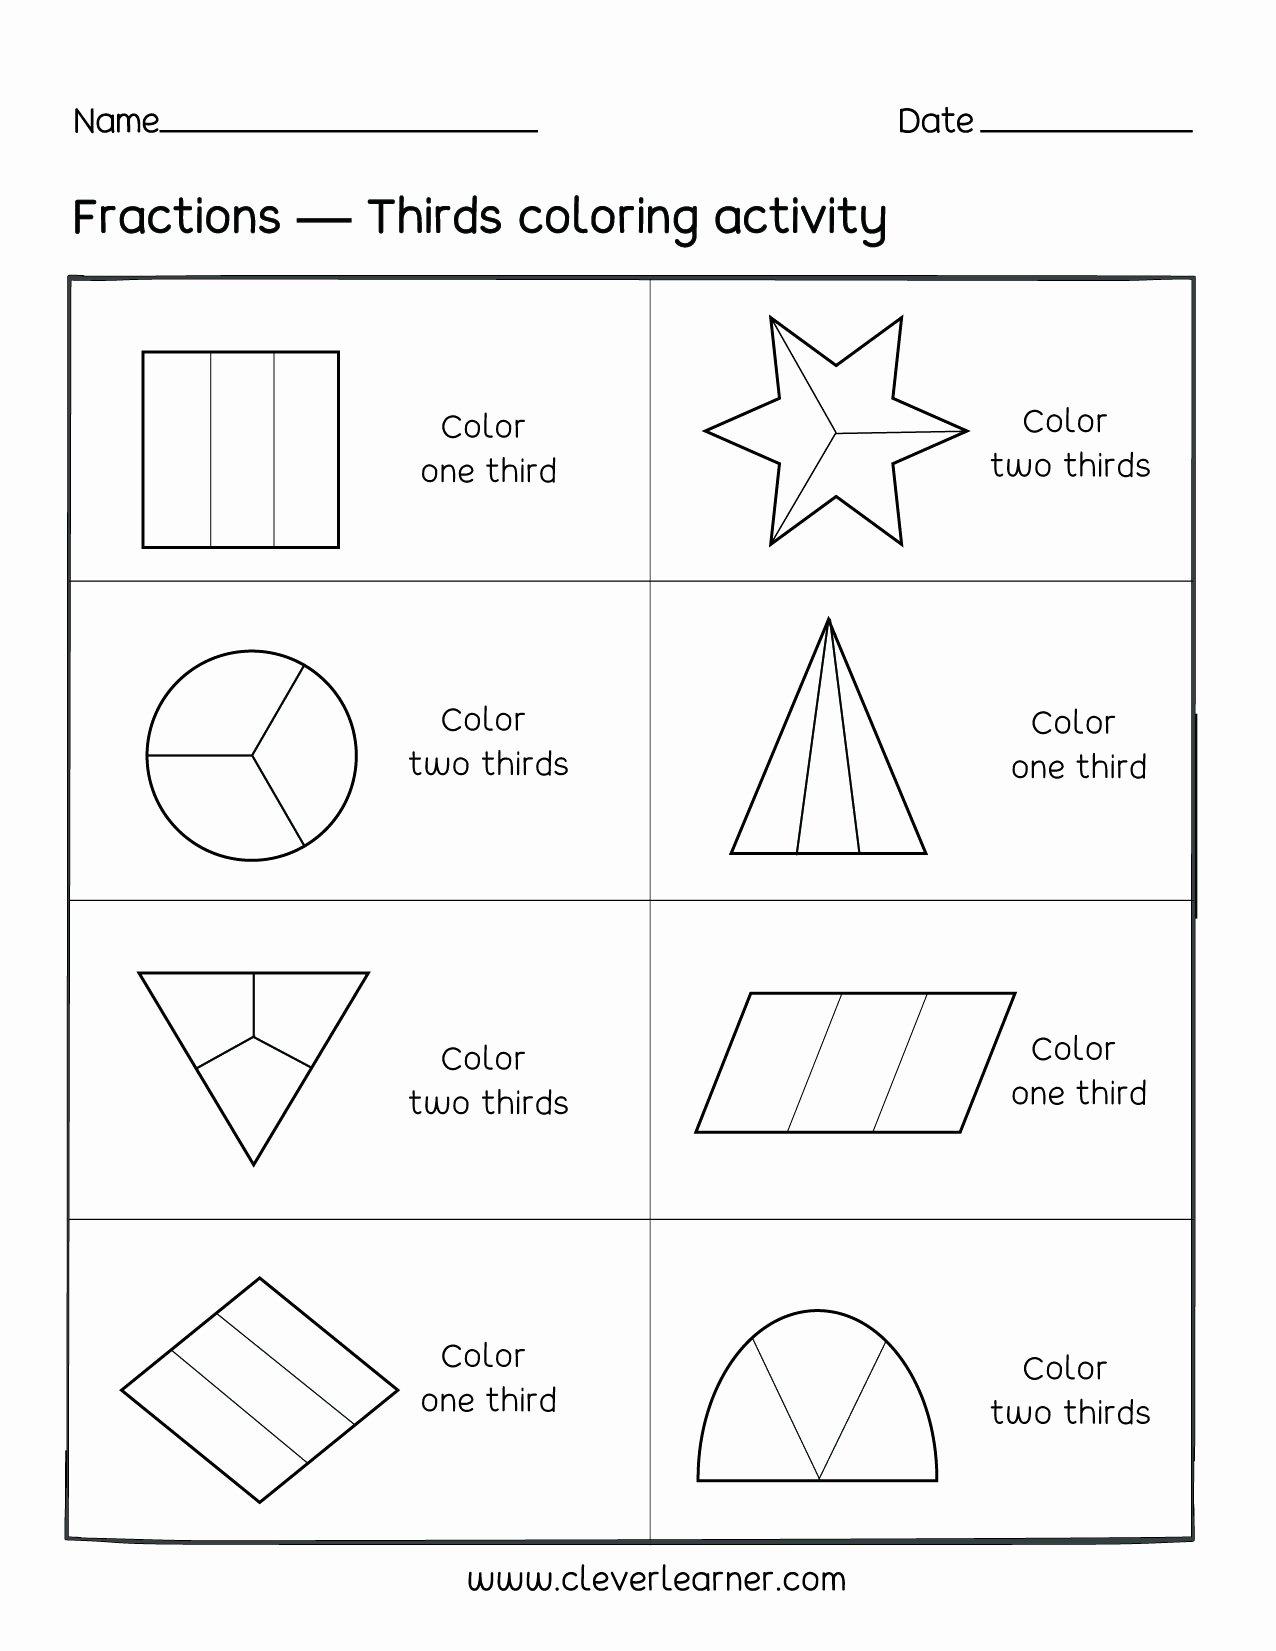 Fraction Worksheets for Preschoolers Beautiful Fractionng Sheets Thirds Fractions Worksheets Fun Activity